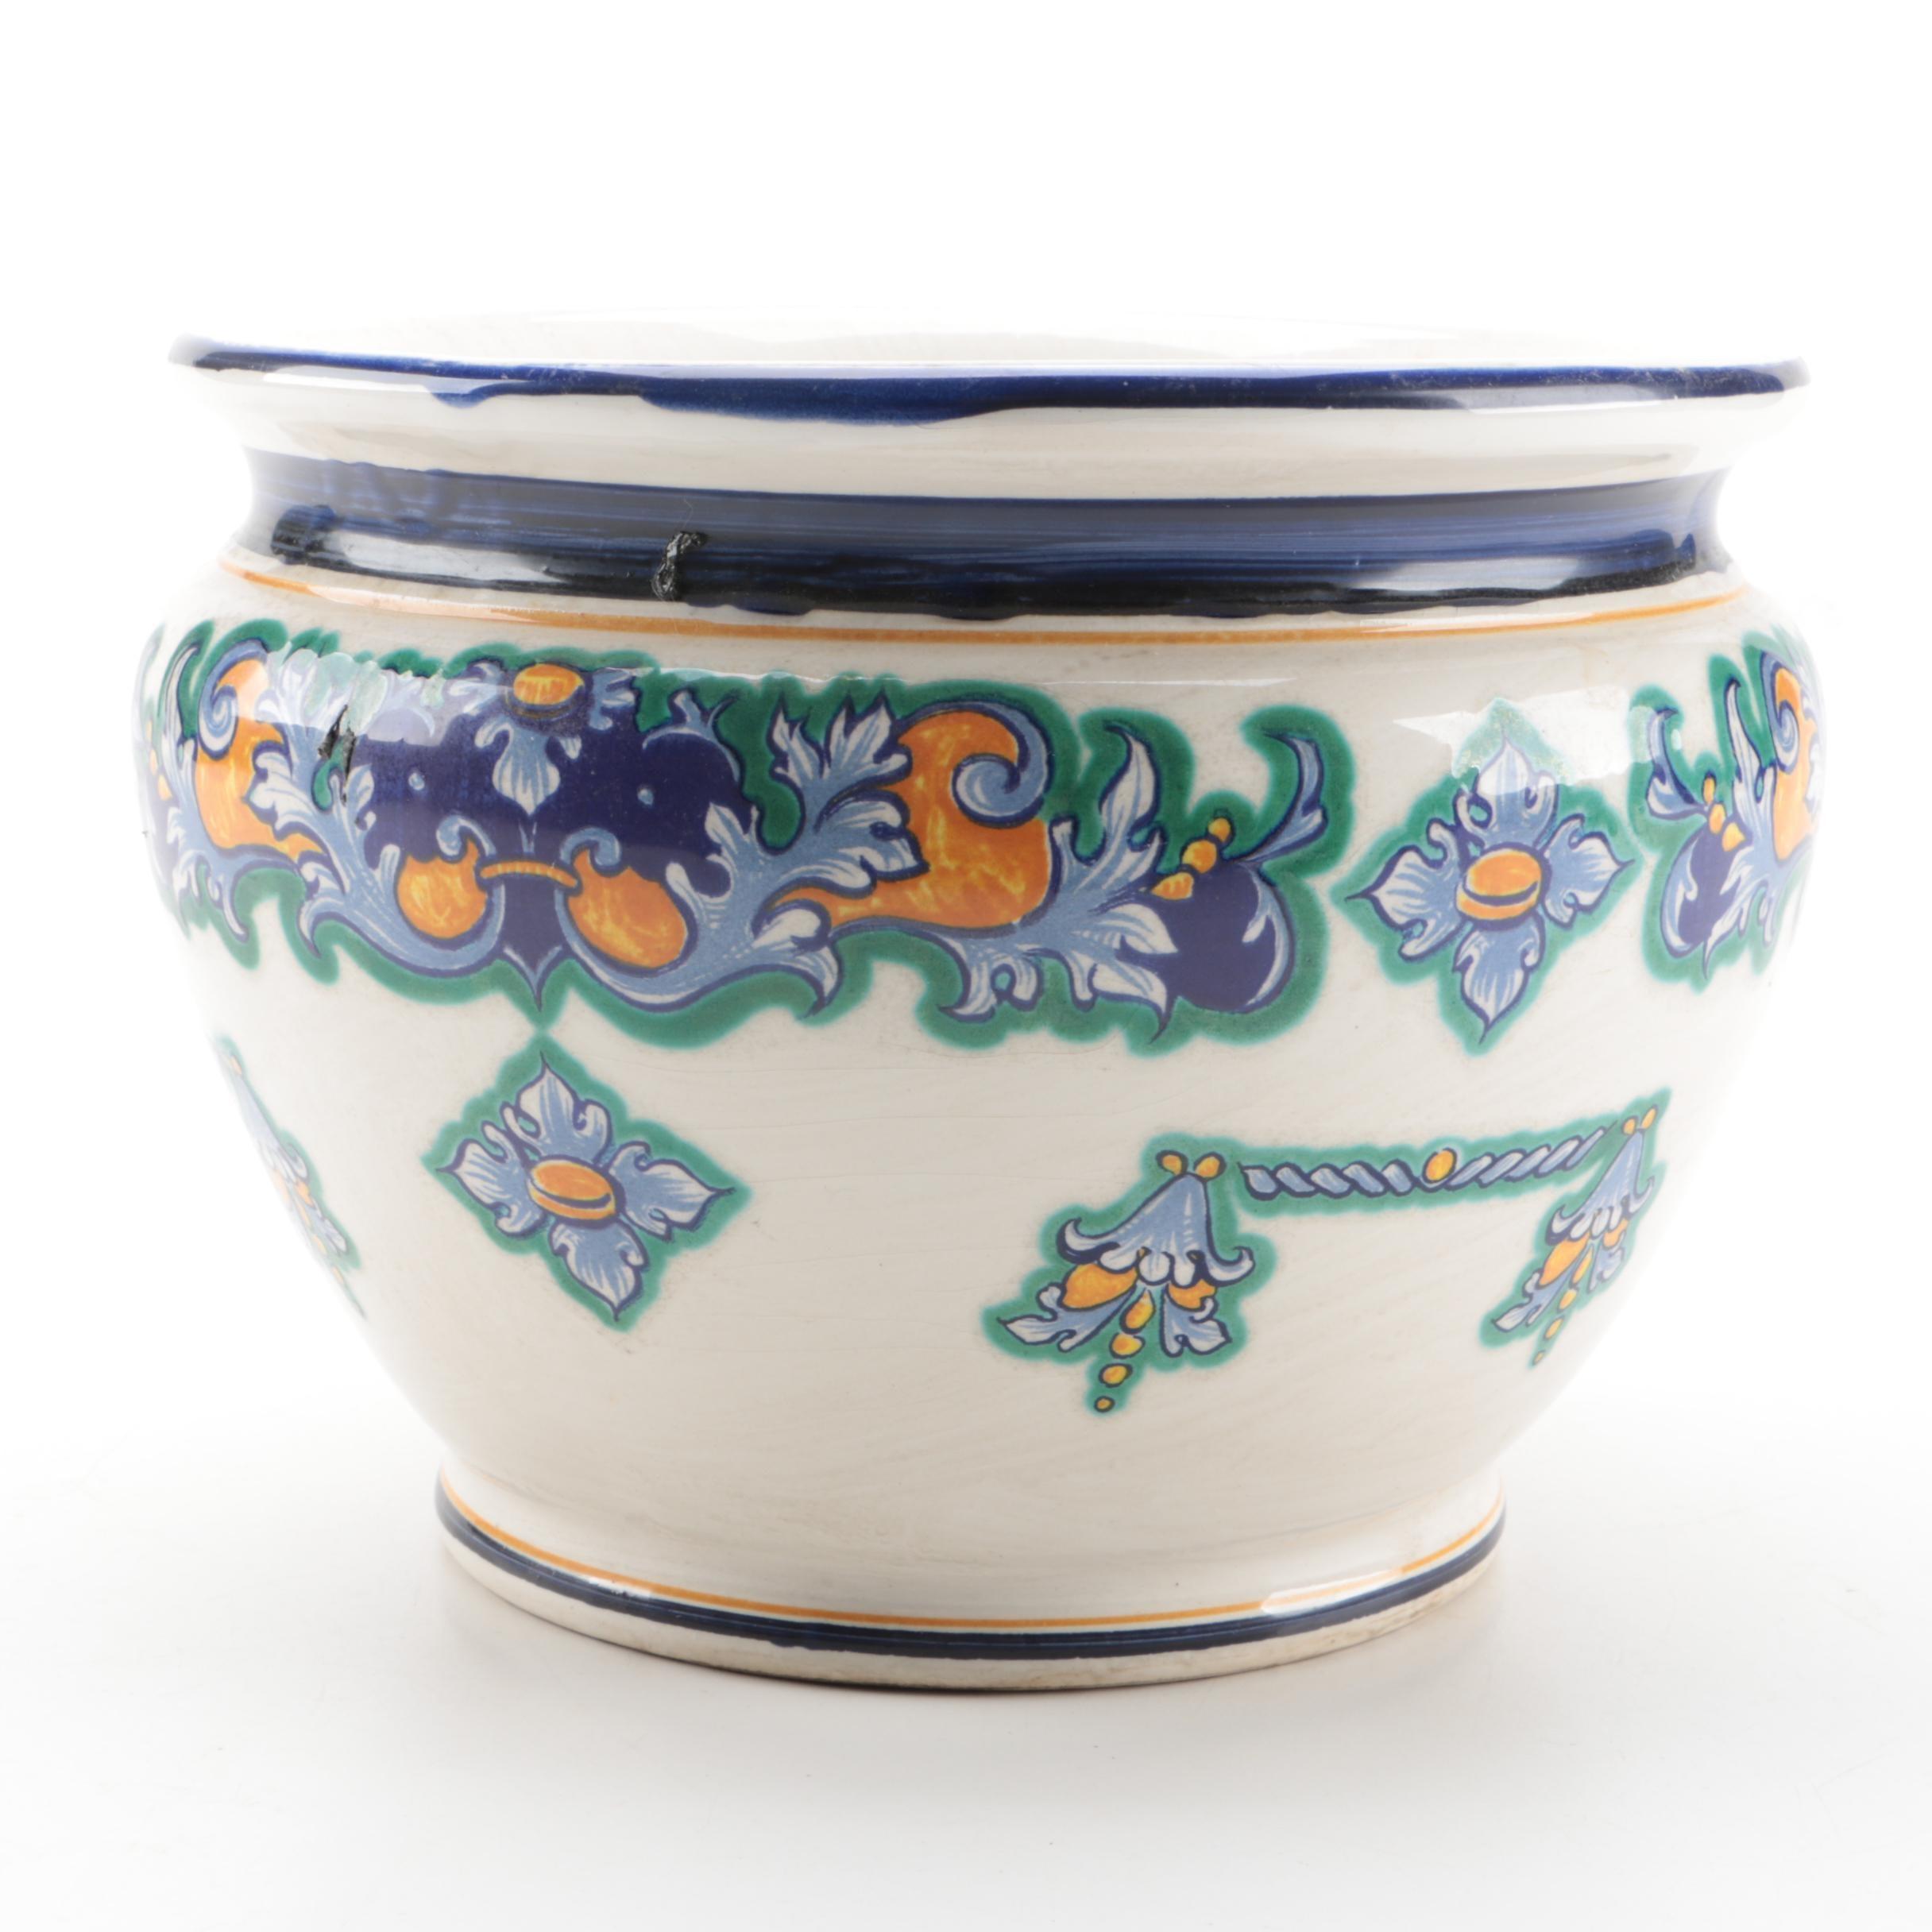 Facciolini Castelli Ceramic Jardinieire